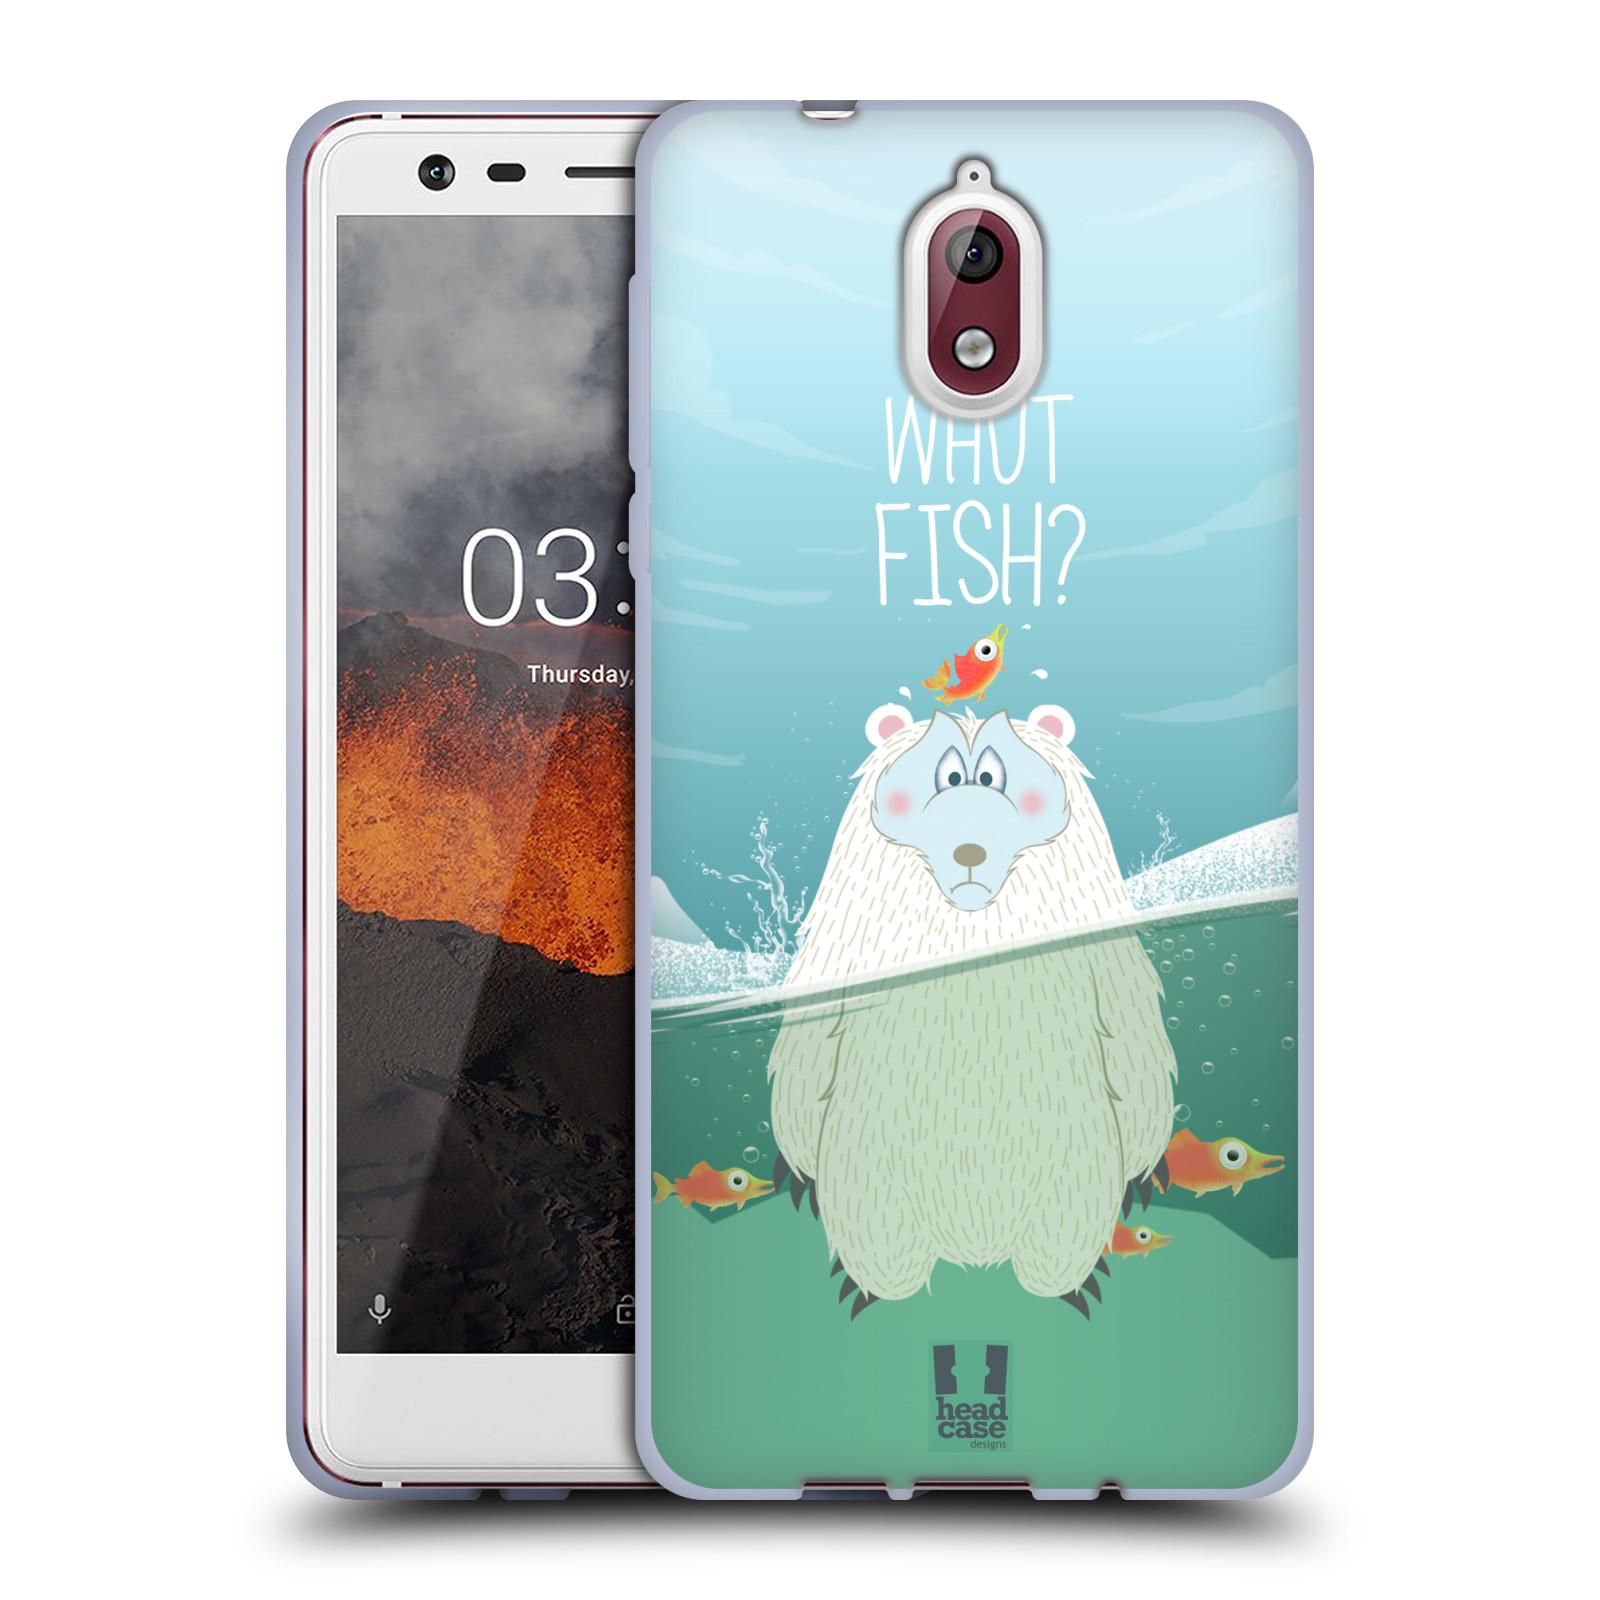 Silikonové pouzdro na mobil Nokia 3.1 - Head Case - Medvěd Whut Fish?